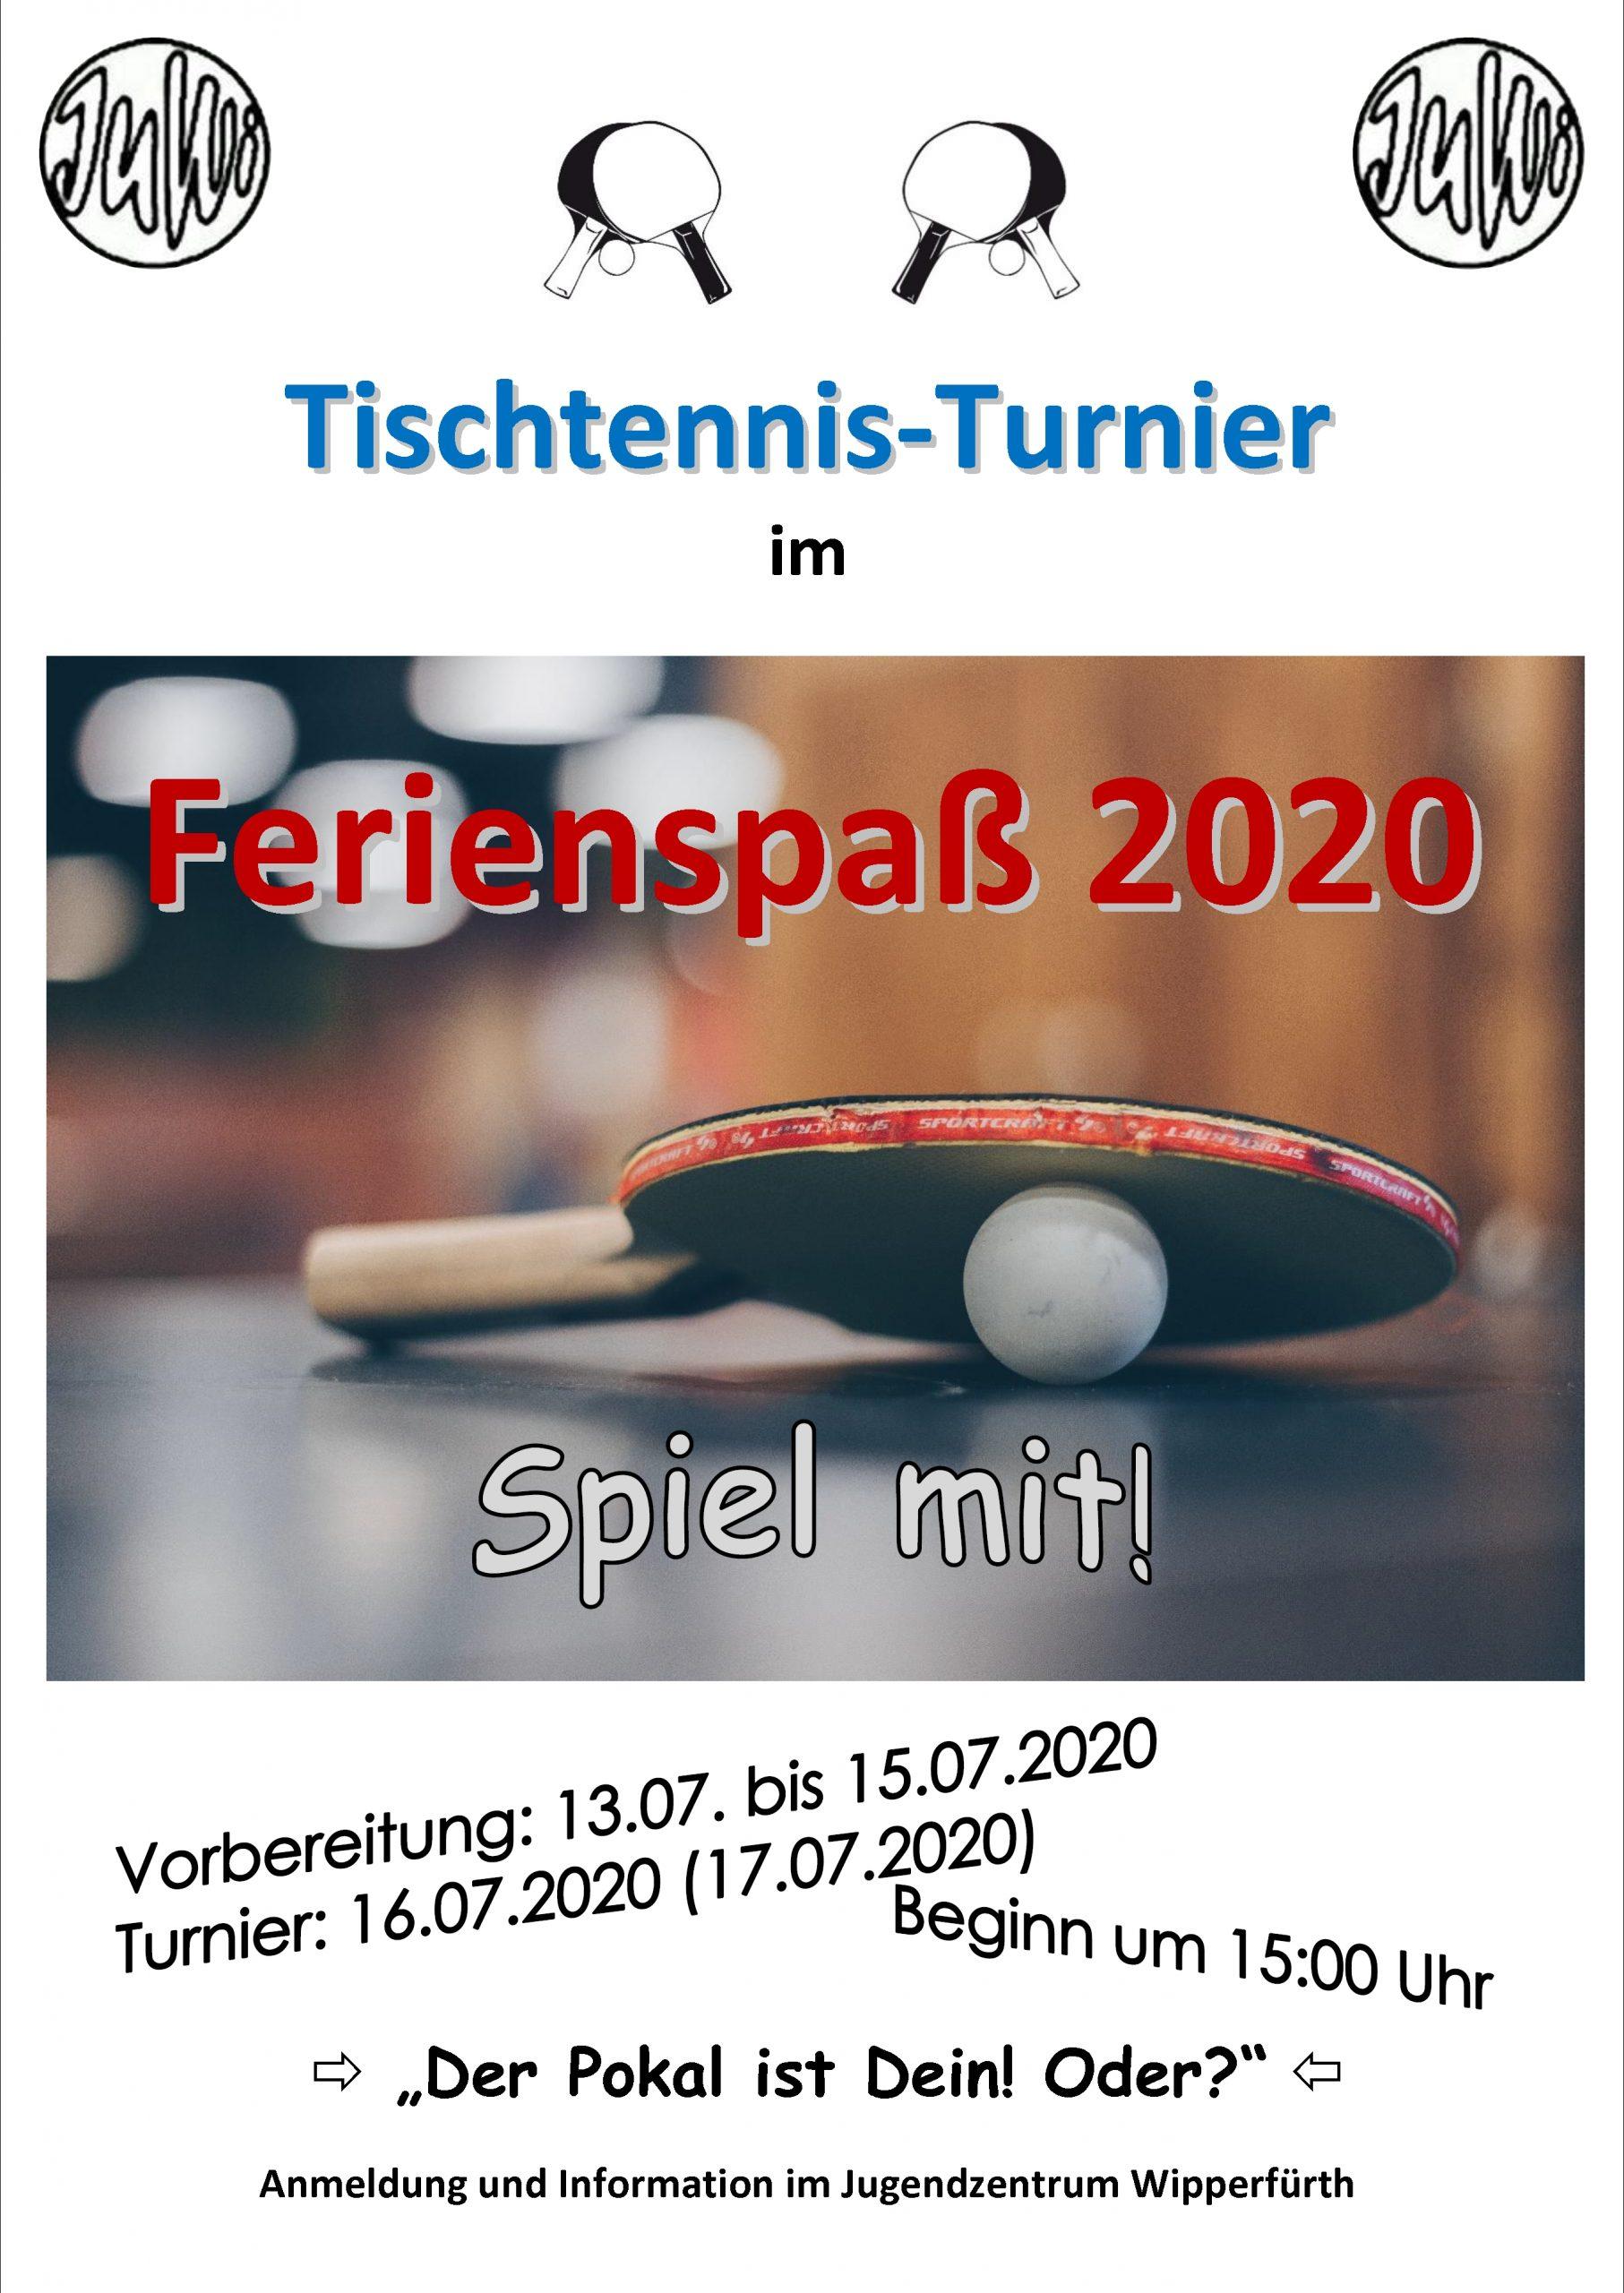 Tisch-Tennis: Ein Turnier im Jugendzentrum. Am Donnerstag, 16. Juli.